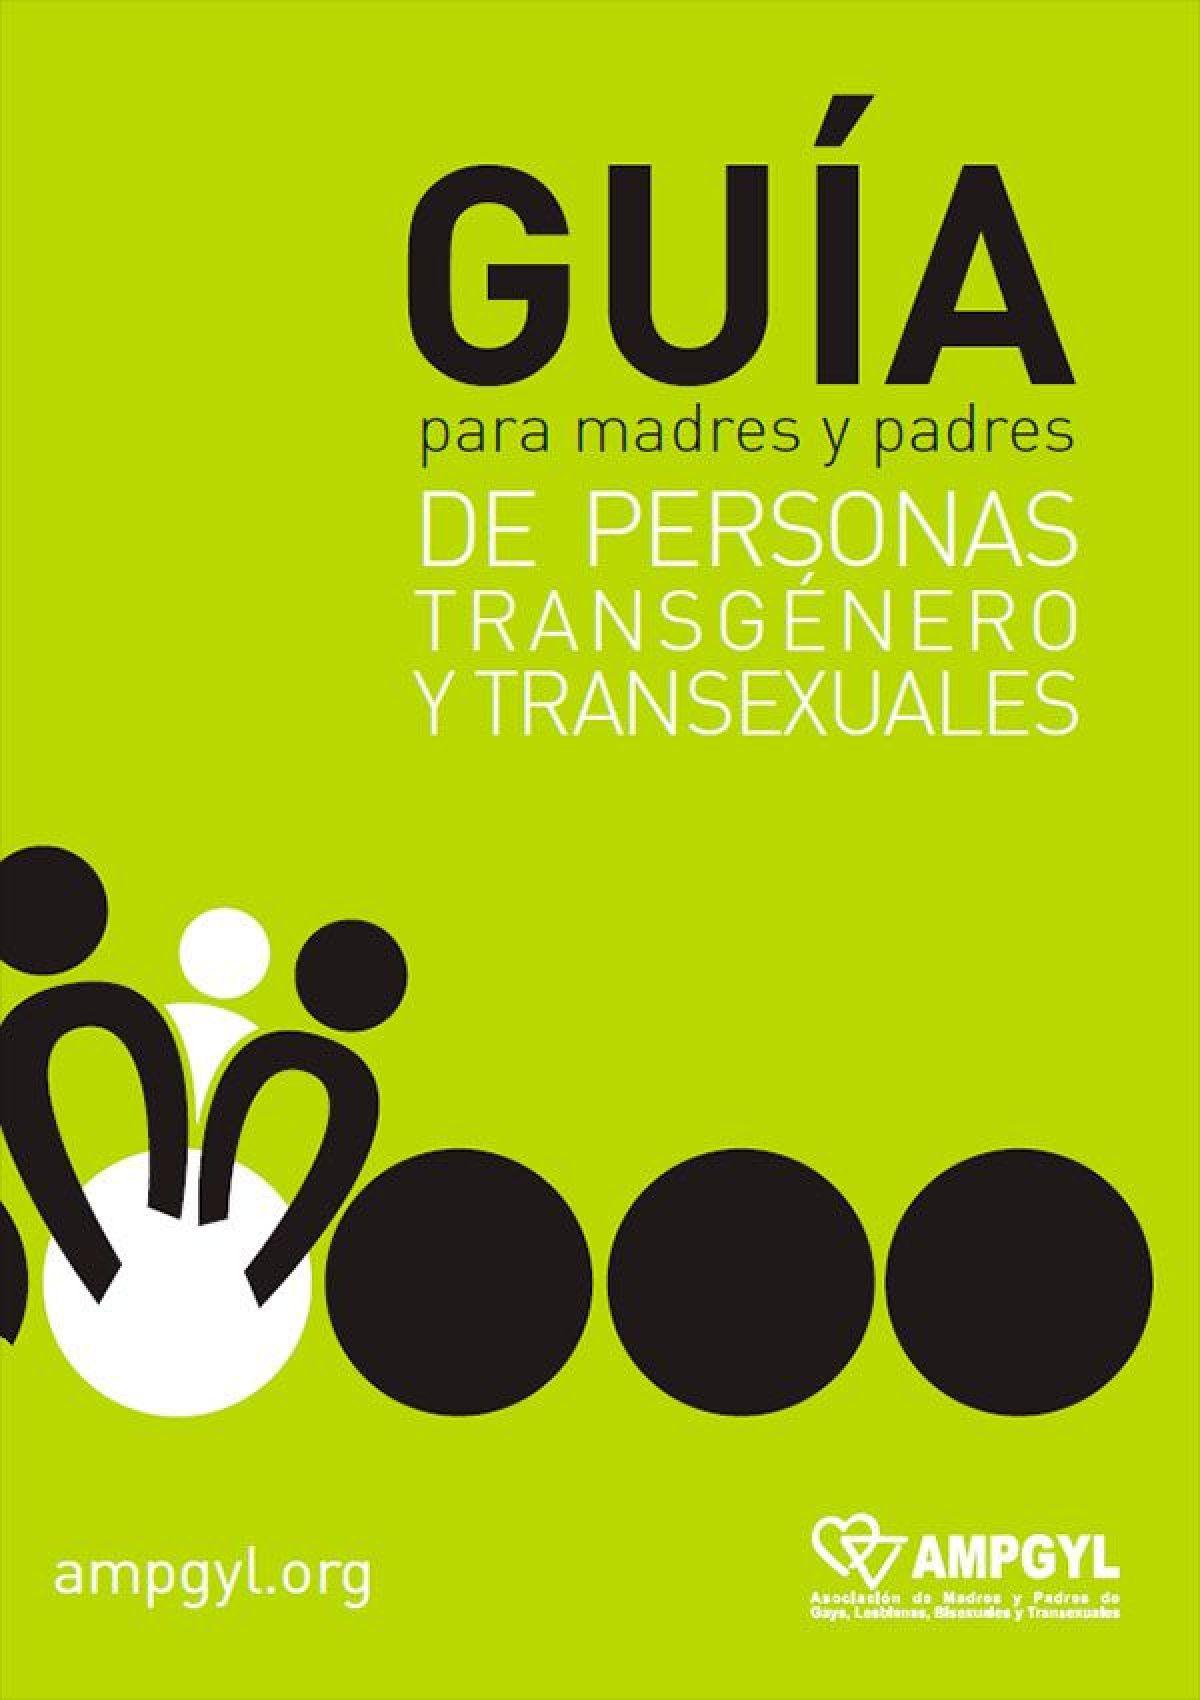 06. Guía para madres y padres DE PERSONAS TRANSGÉNERO Y TRANSEXUALES